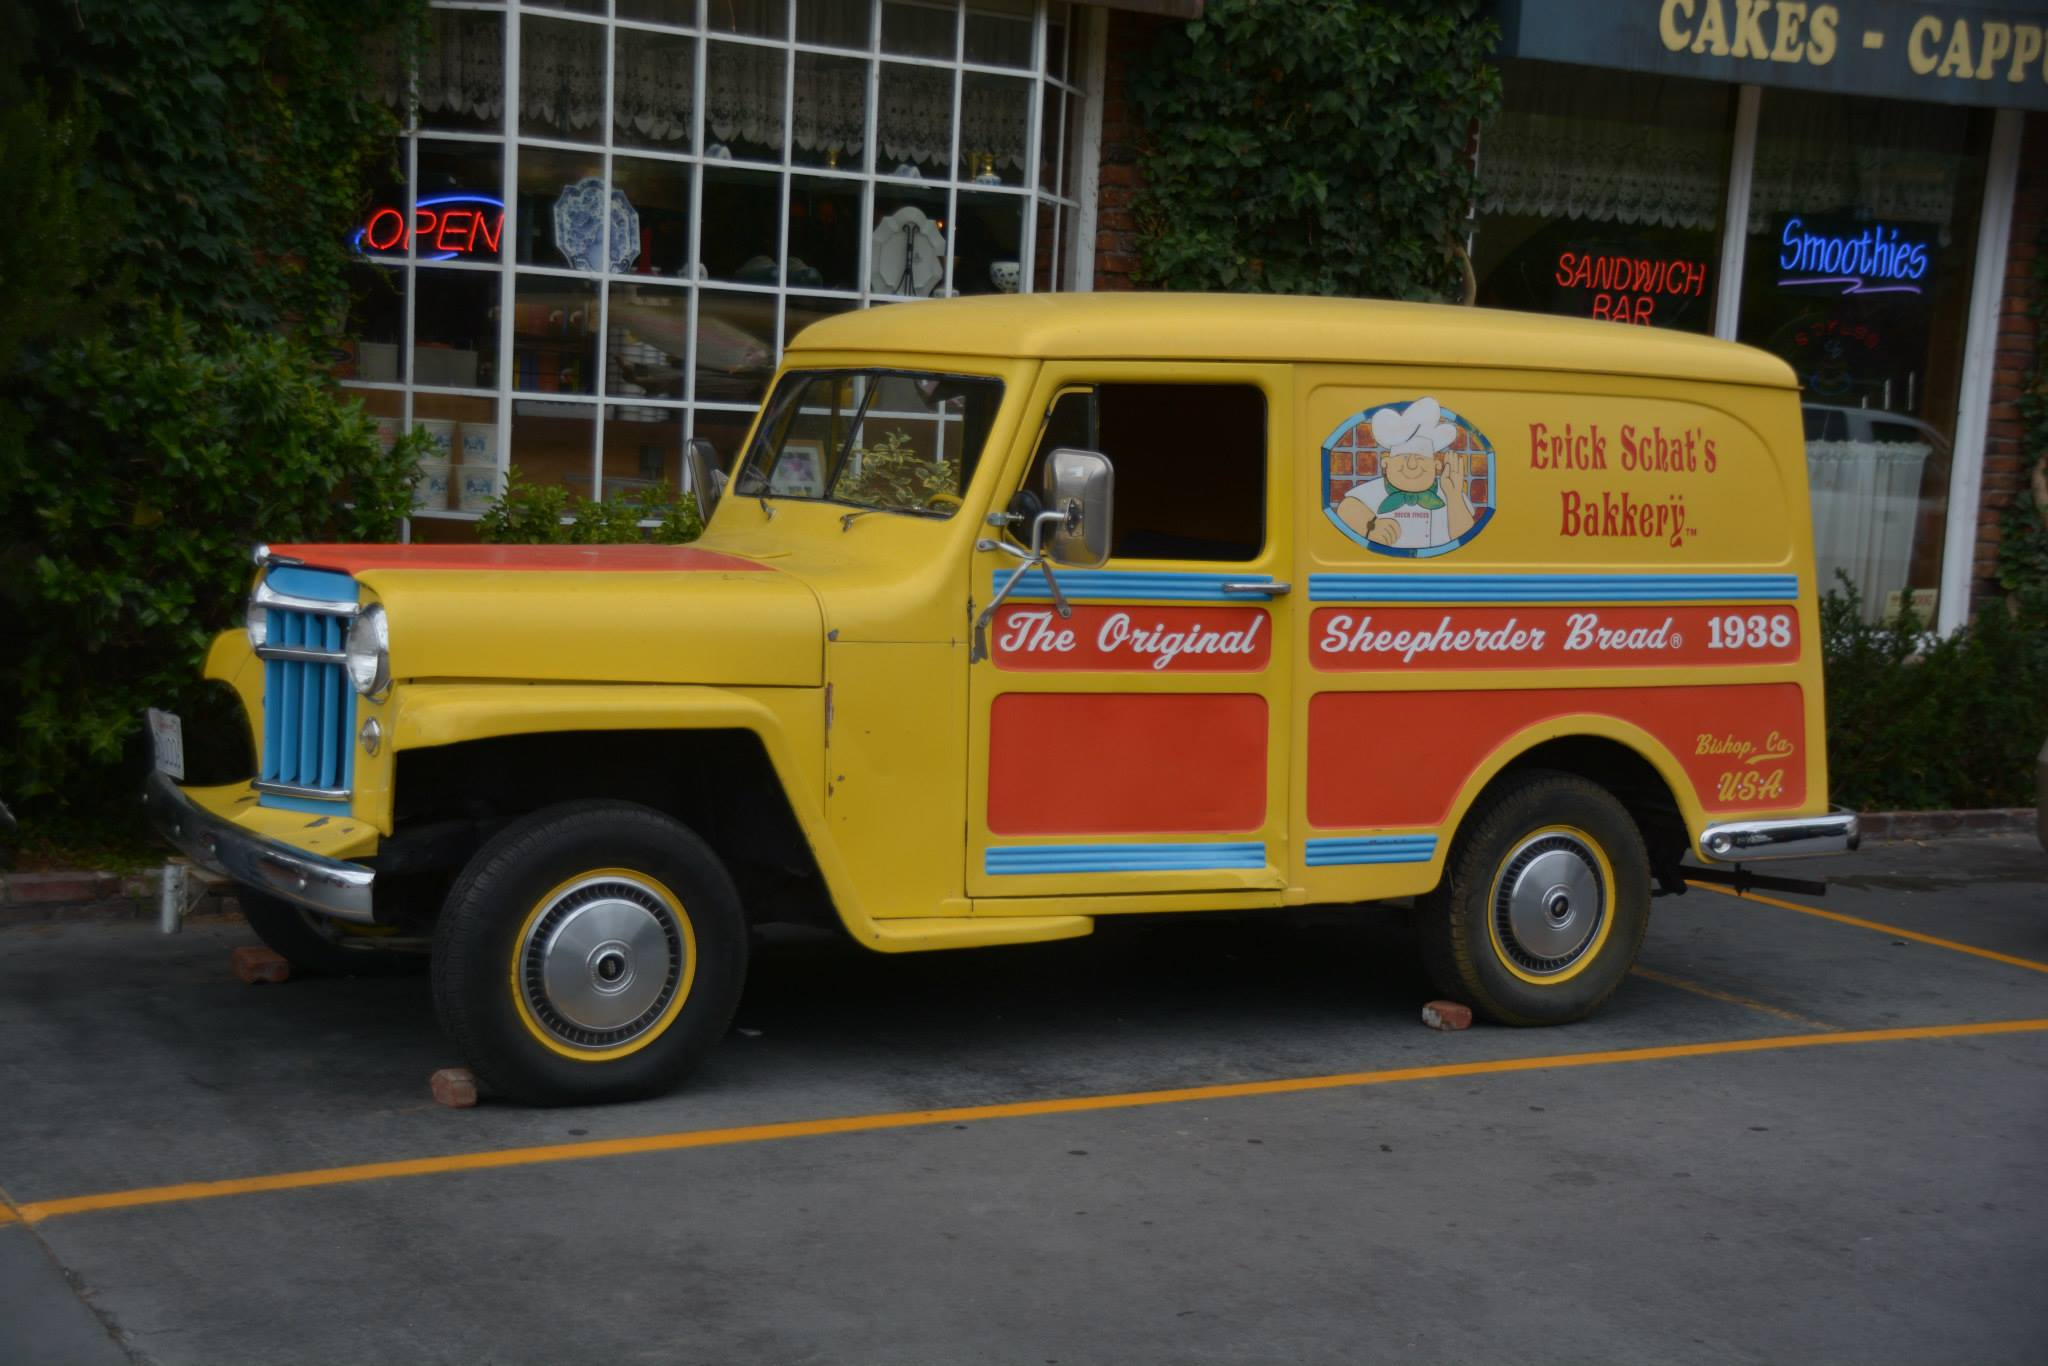 הטנדר הצהוב בחזית המאפיה